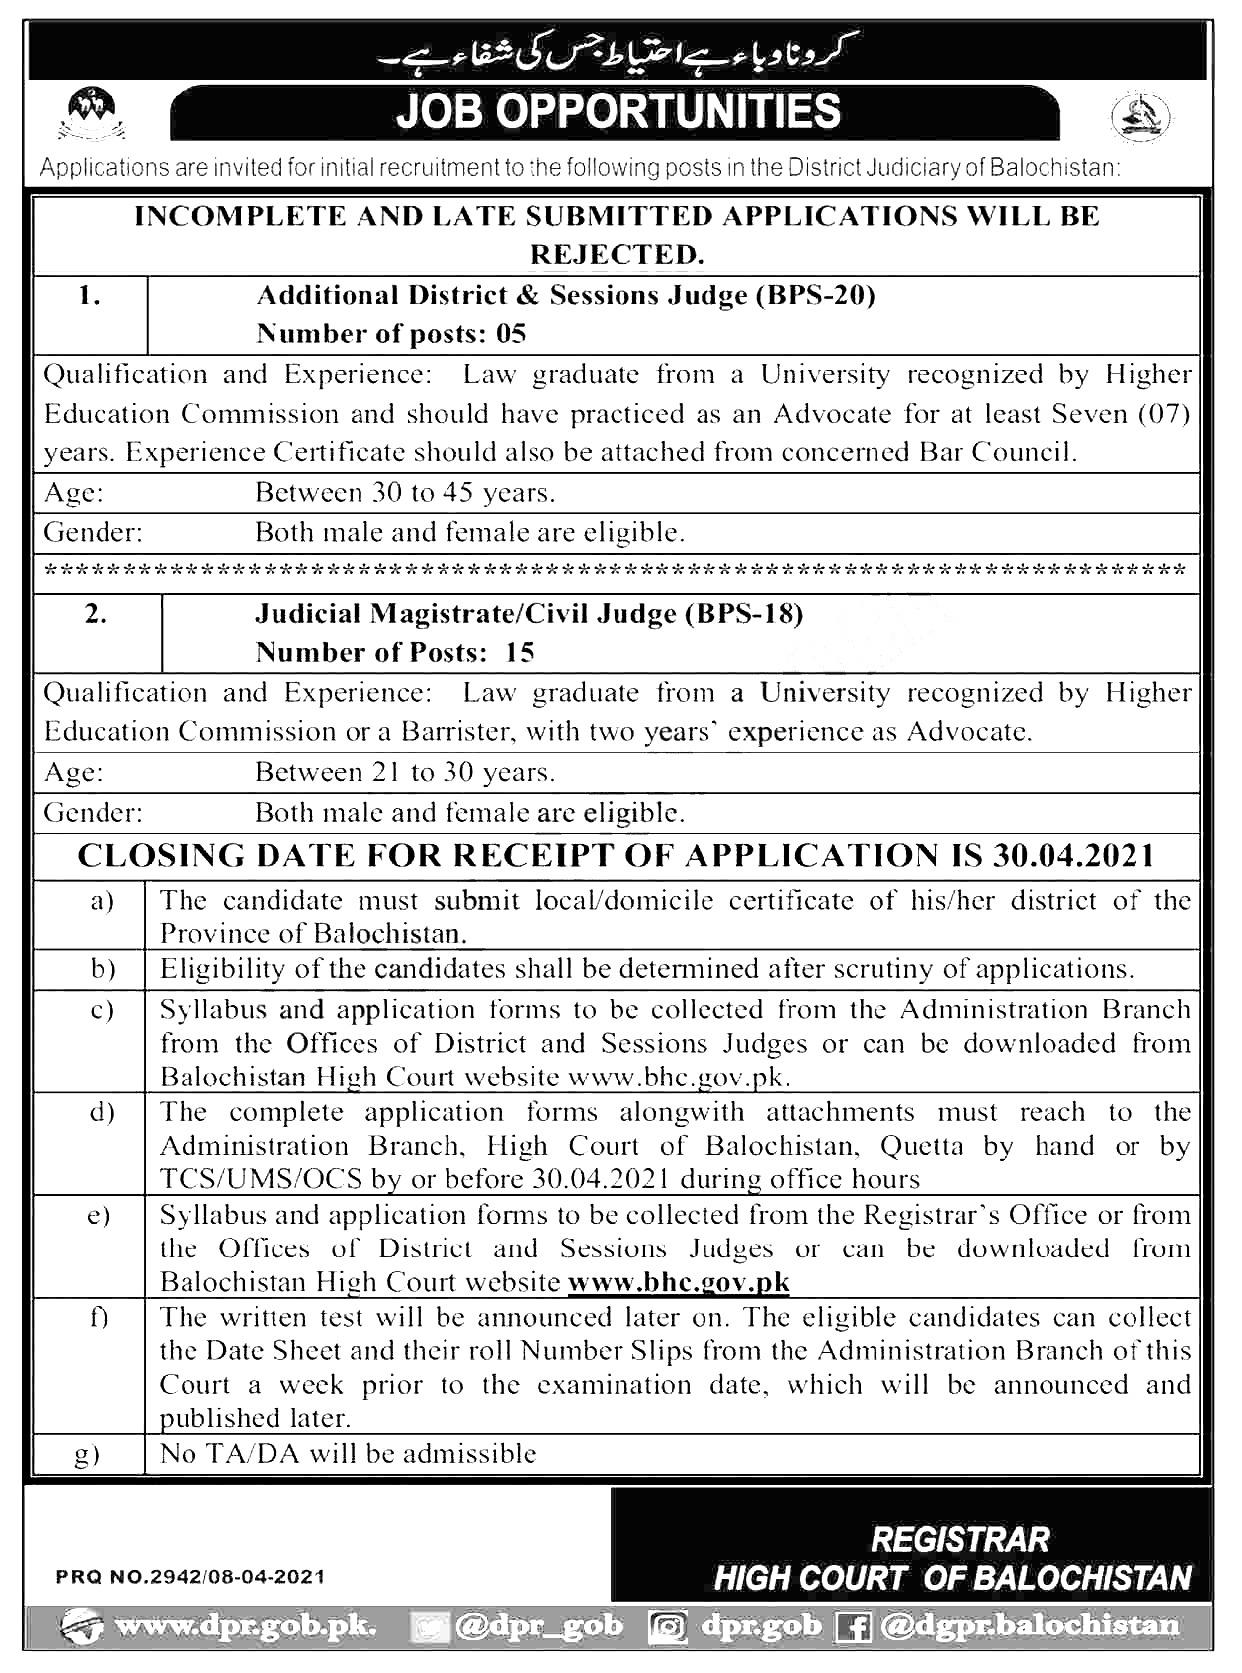 Balochistan High Court Jobs 2021 Online Registration Test Schedule Roll No Slip